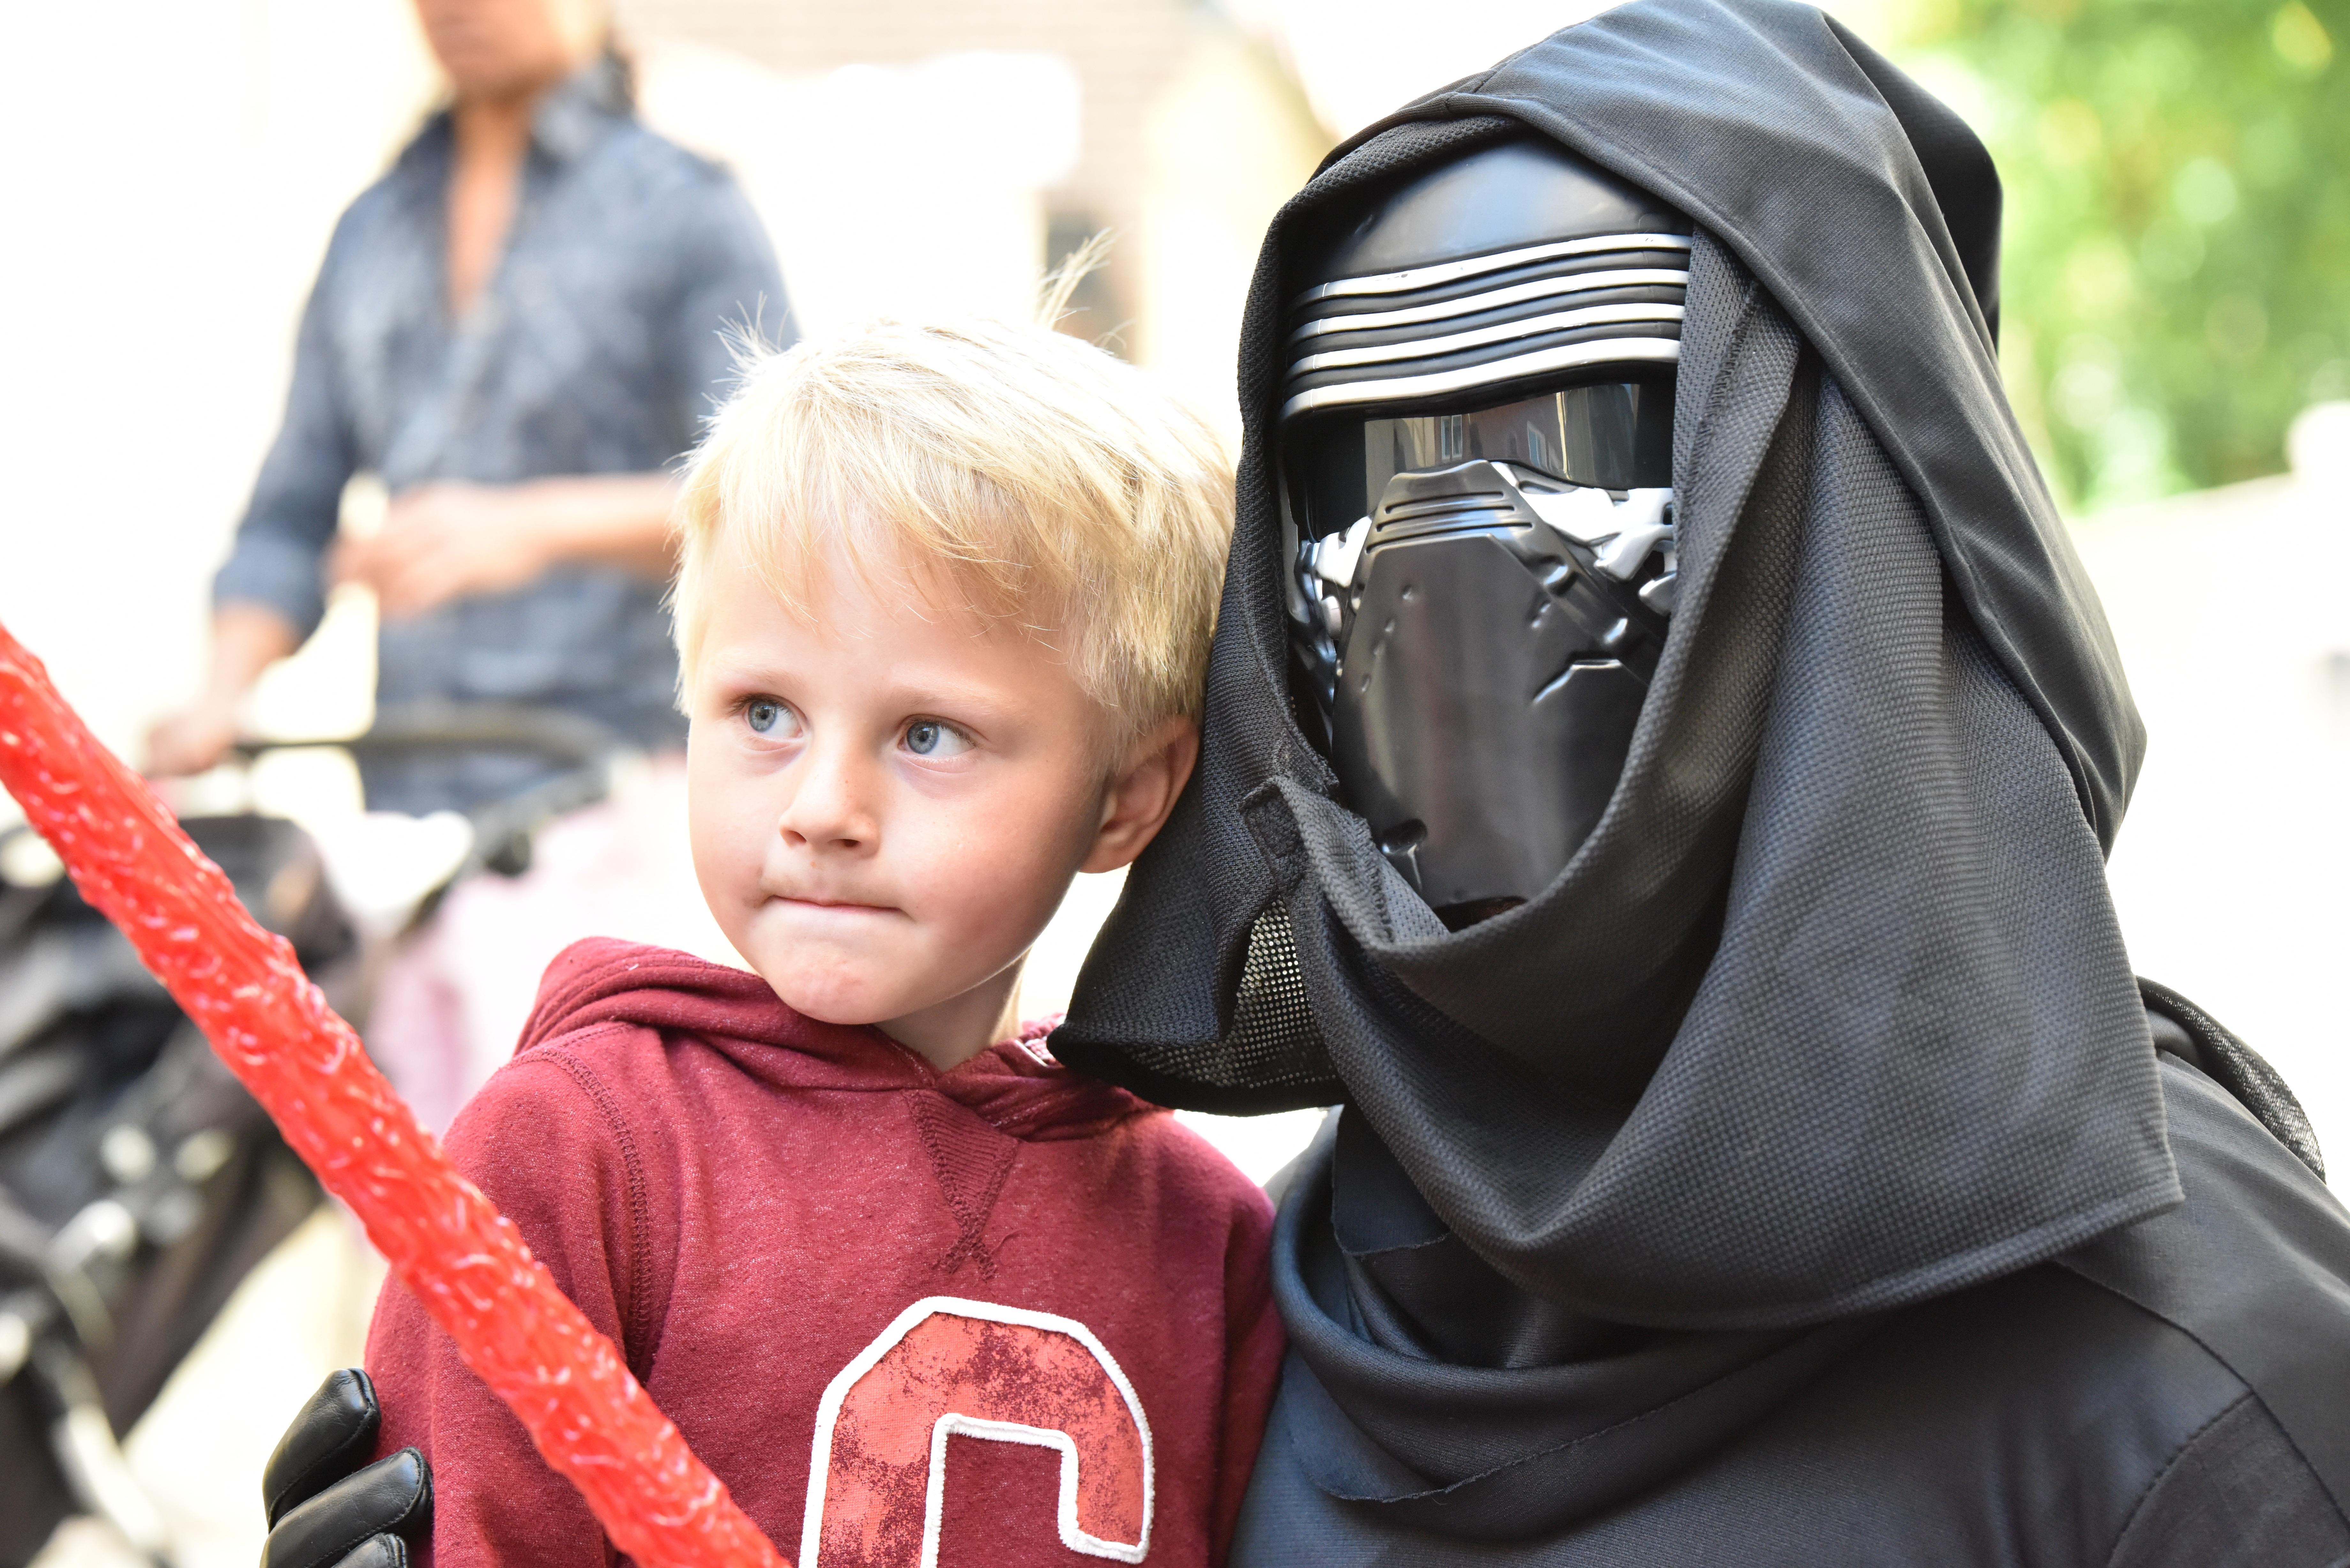 Gratis billeder : mennesker, dreng, barn, Star wars, lyssværd, kylo ren, sith 7360x4912 ...